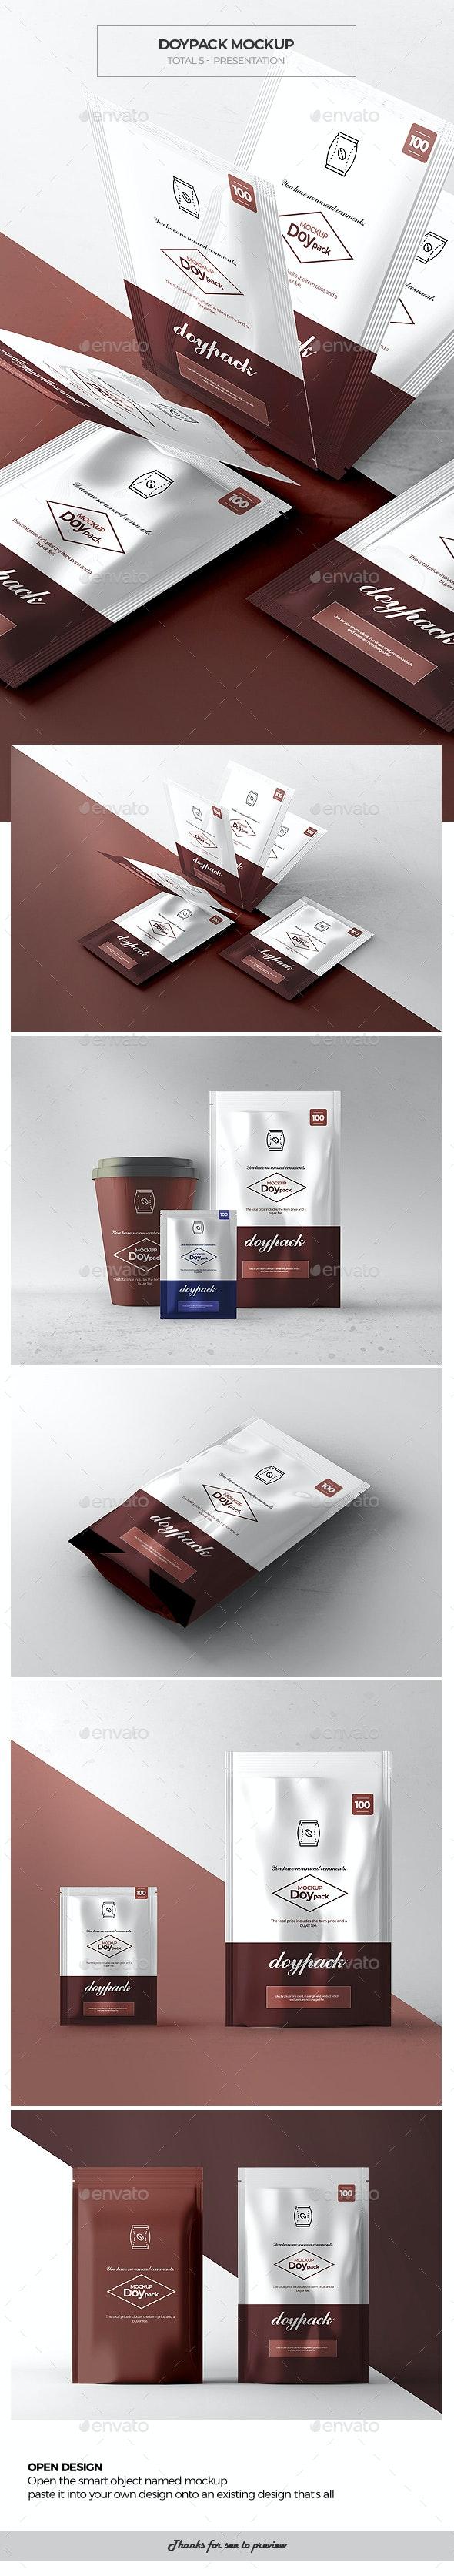 Doypack Mock-up 2 - Packaging Product Mock-Ups